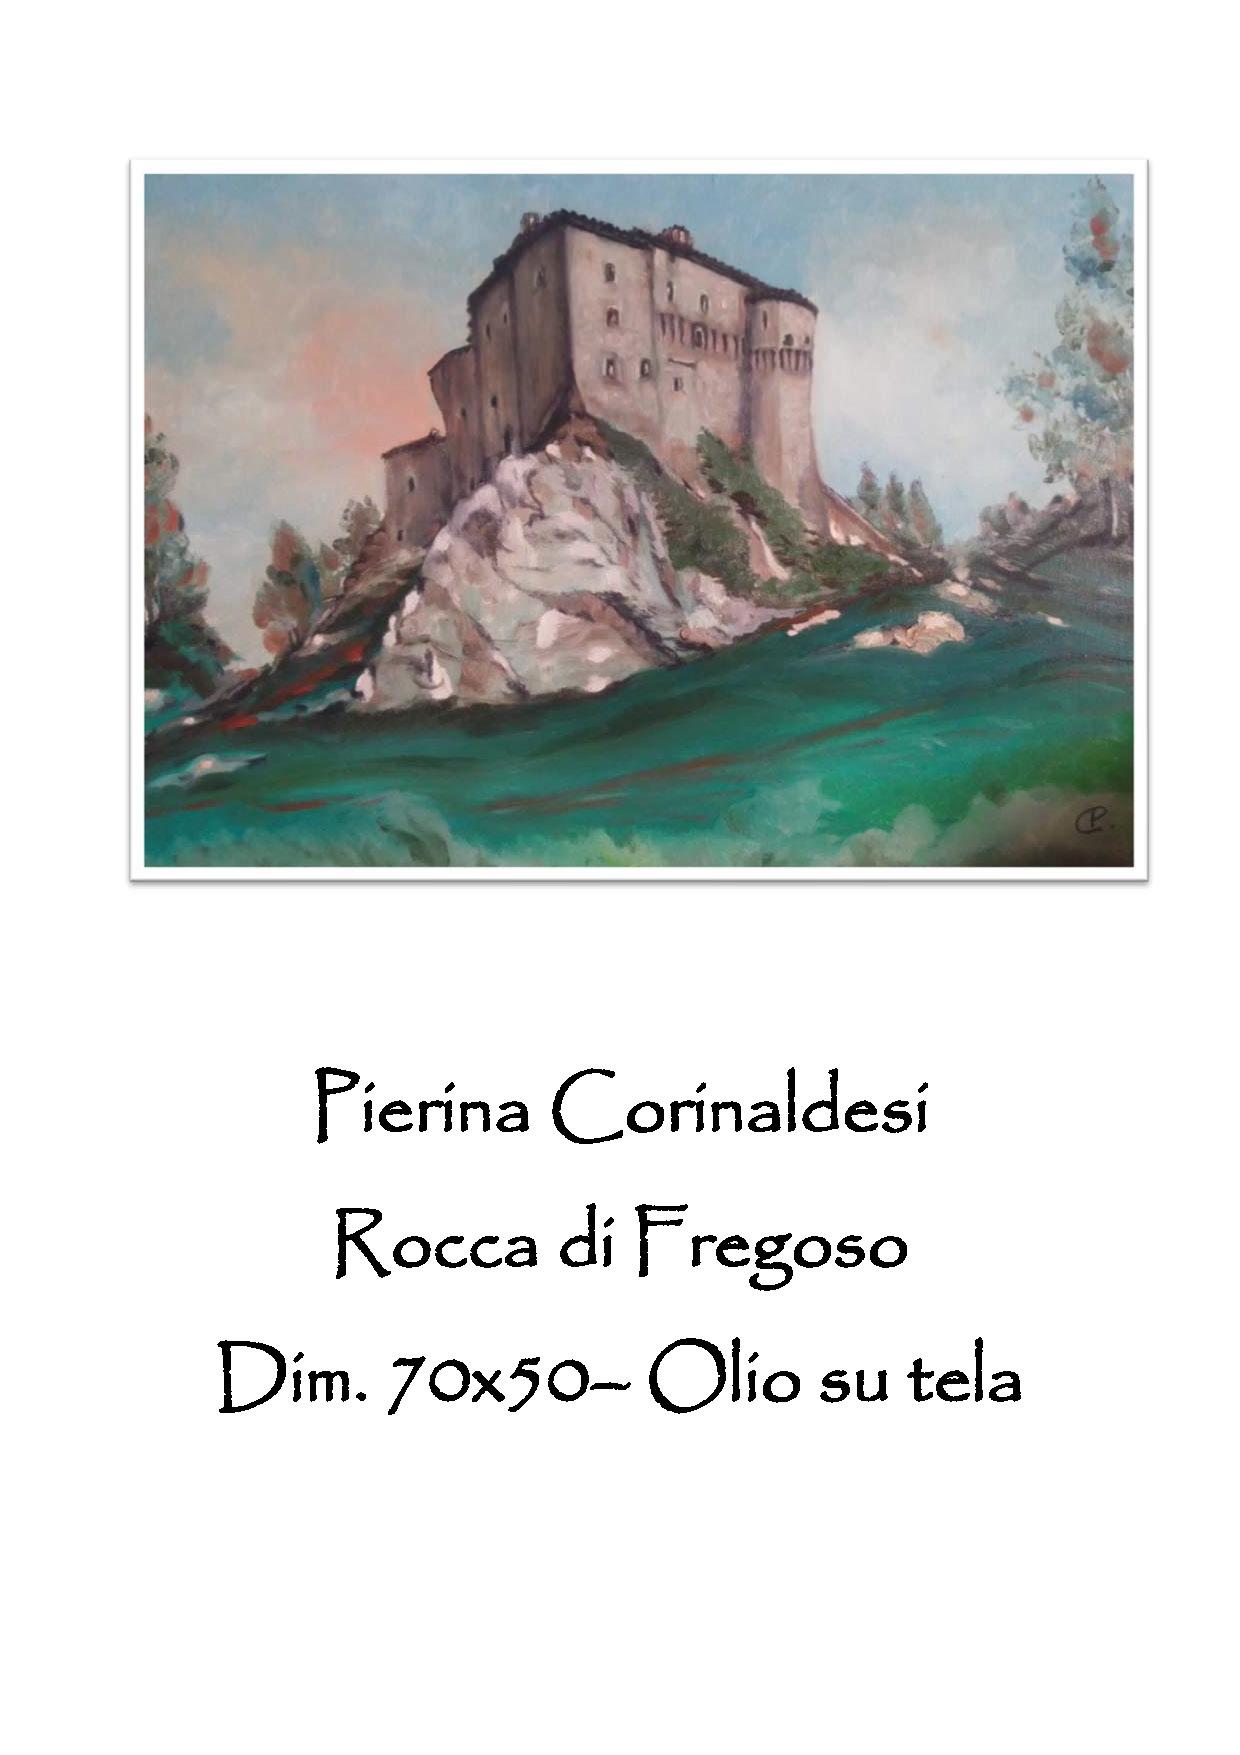 http://www.proartpiagge.it/wp-content/uploads/2020/04/Pierina-2.jpg